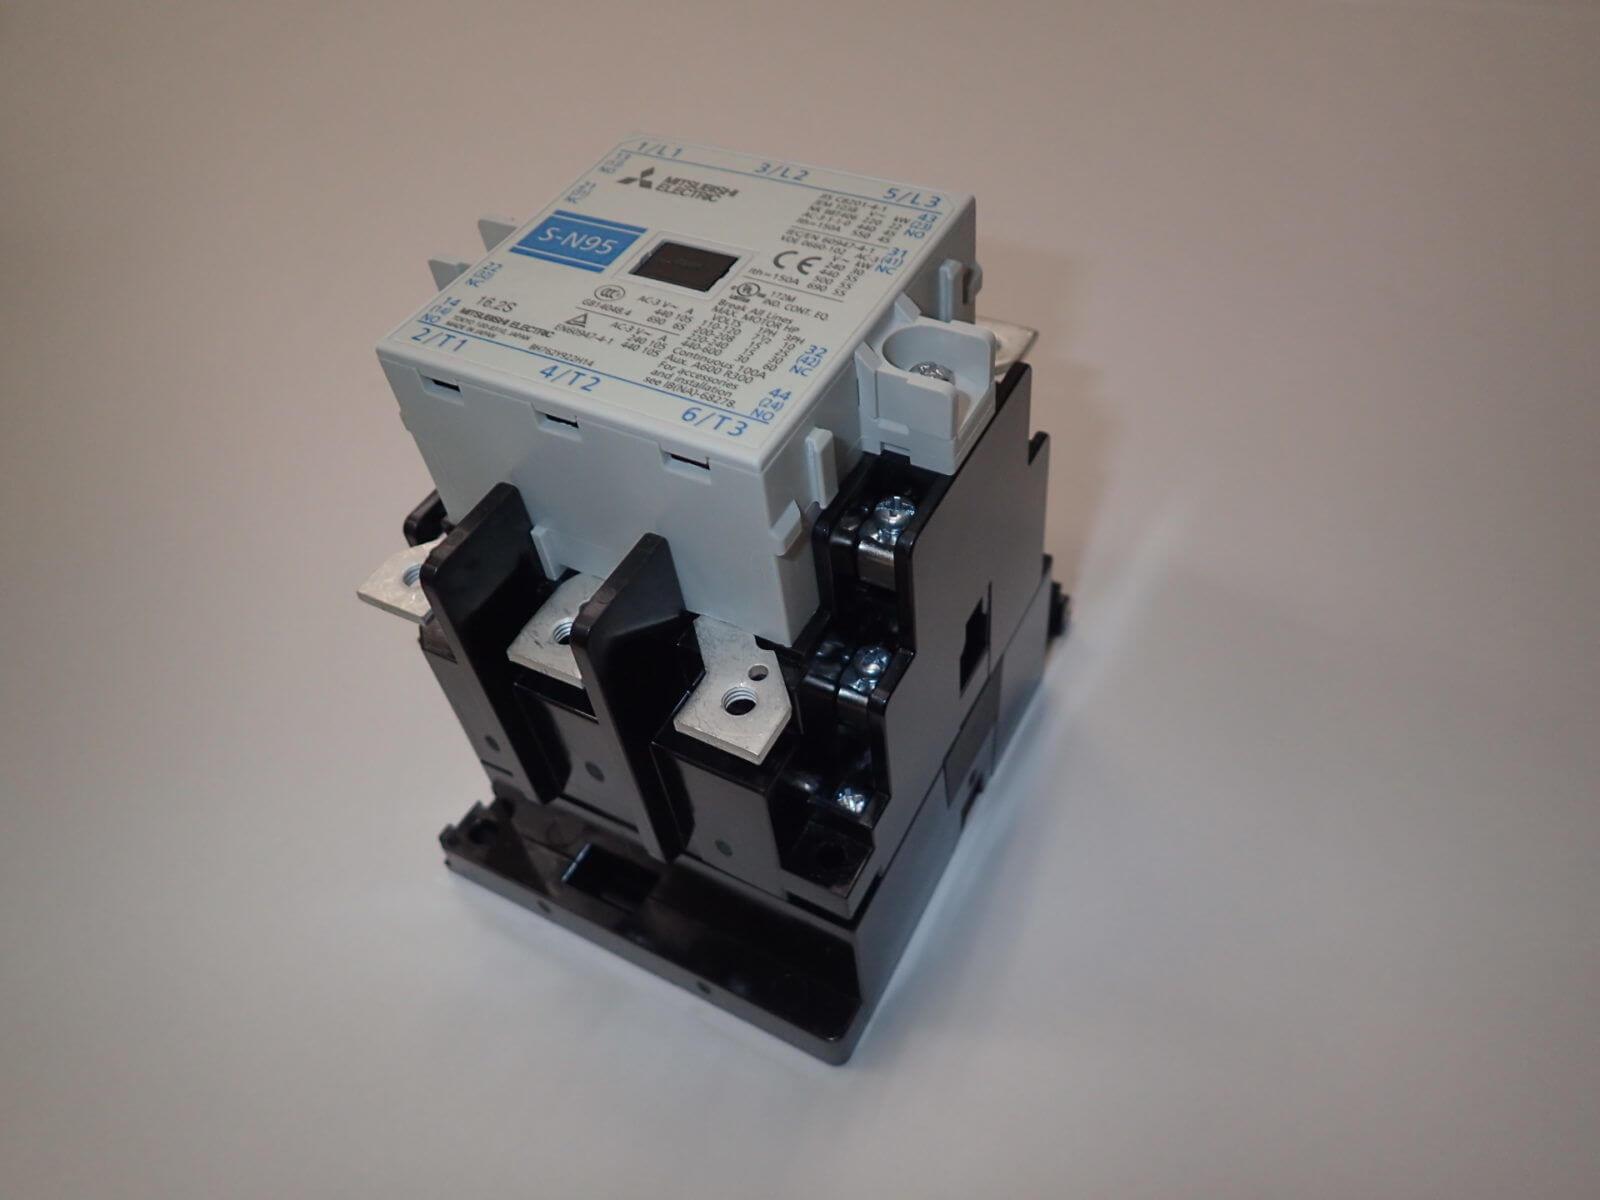 制御盤製作時の部品選定(電磁開閉器、接触器、ソリッドステートリレー)